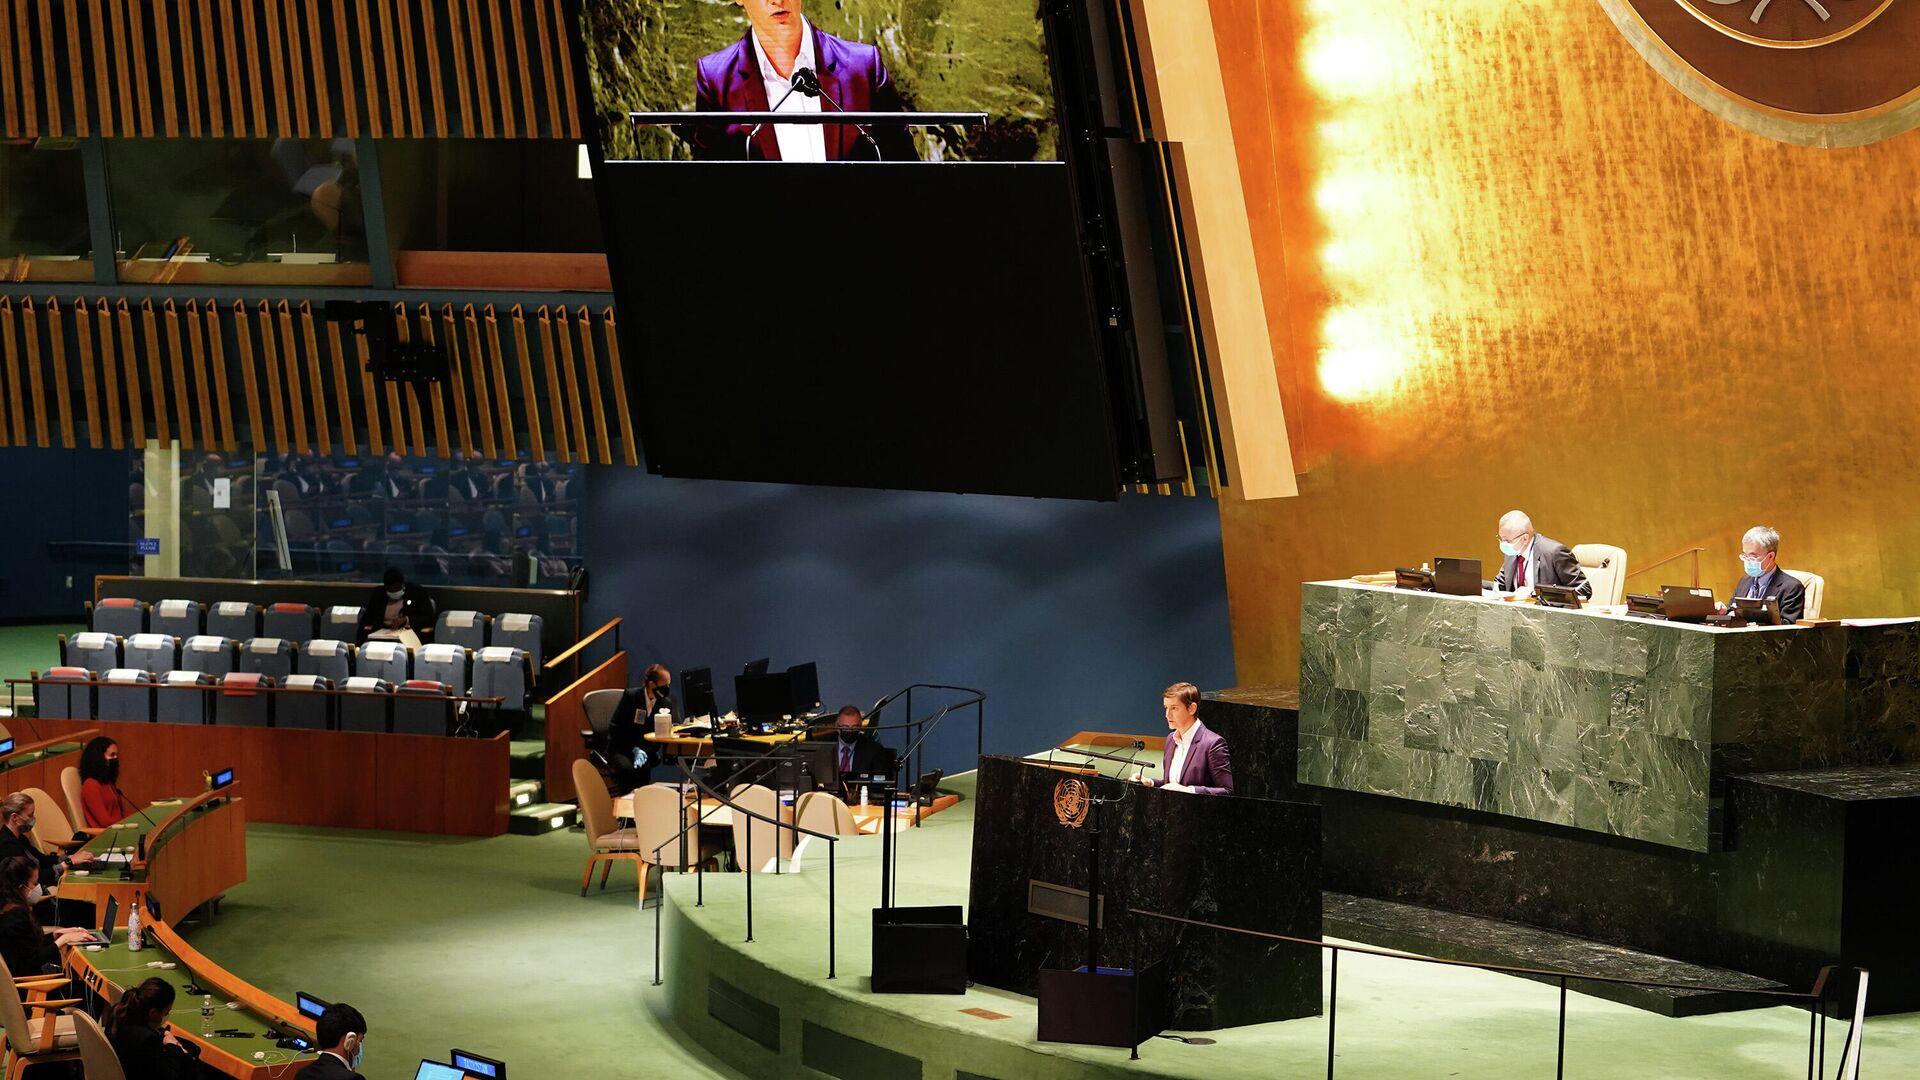 Ана Брнабић говори на Генералној скупштини Уједињених нација - Sputnik Србија, 1920, 25.09.2021